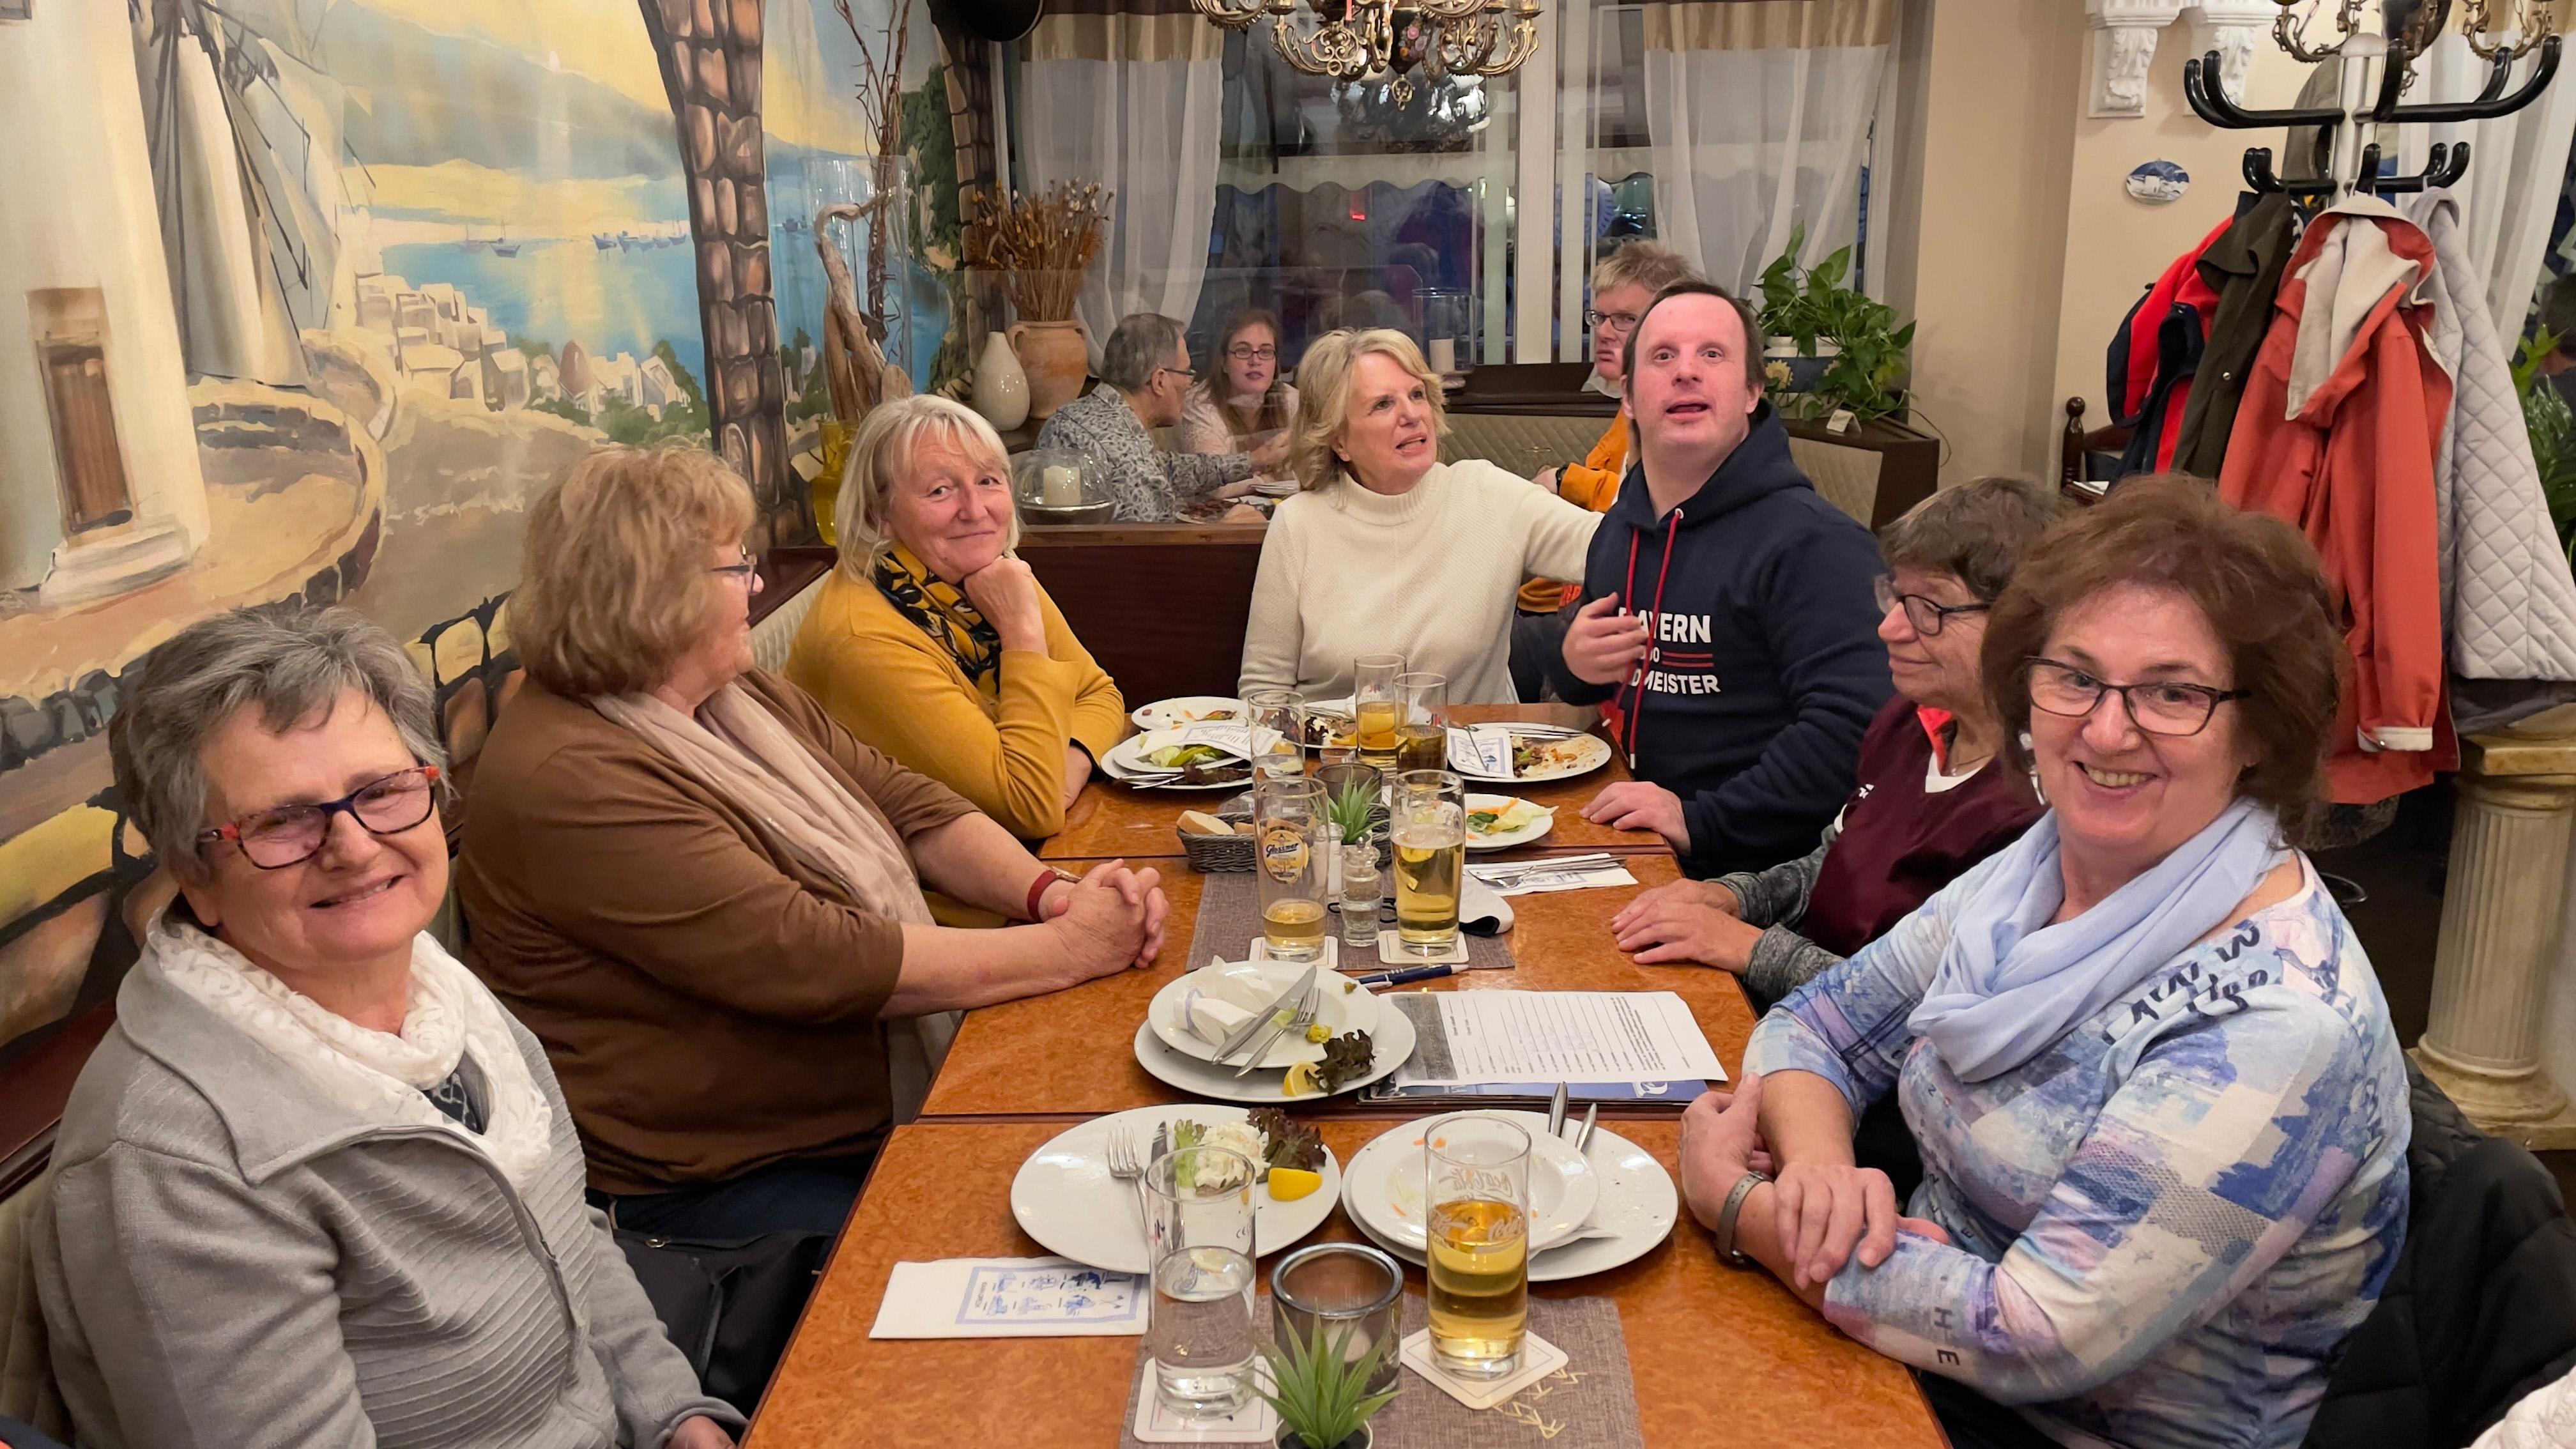 Austausch und geselliges Miteinander: Die Elternstammtische Altdorf (Fotoszene) und Lauf/Hersbruck finden nun wieder regelmäßig statt.